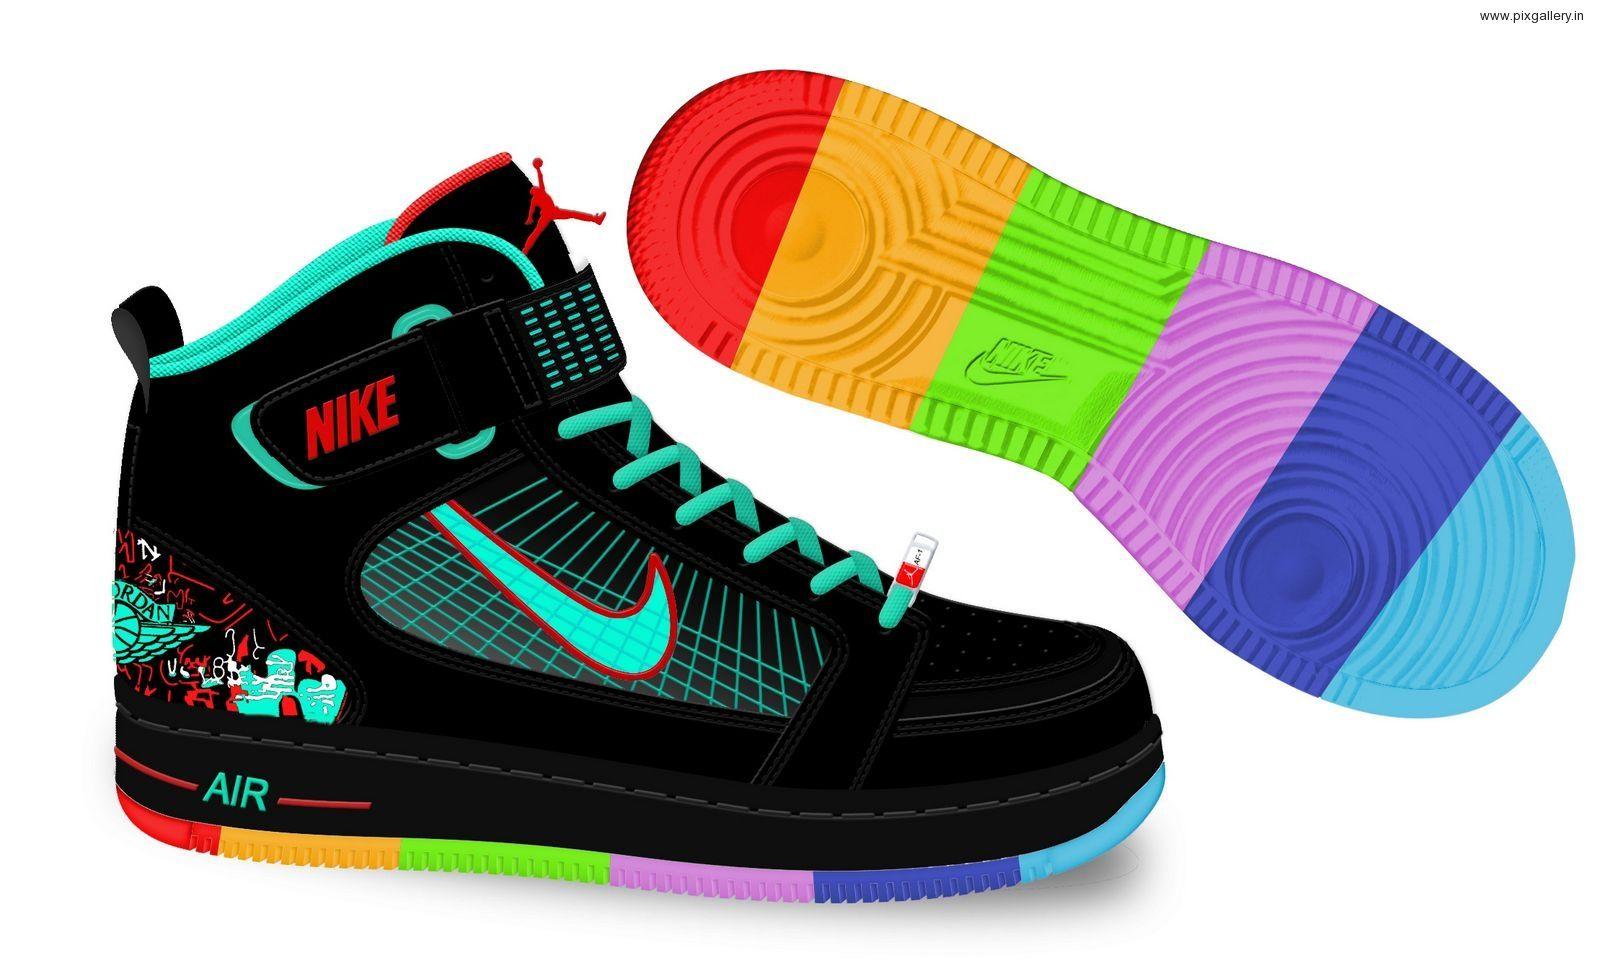 f18d51a72a29 Nike Air Jordan 6 Rings Balck Green Rainbow Colors Jordan Sport Shoes in US  Size